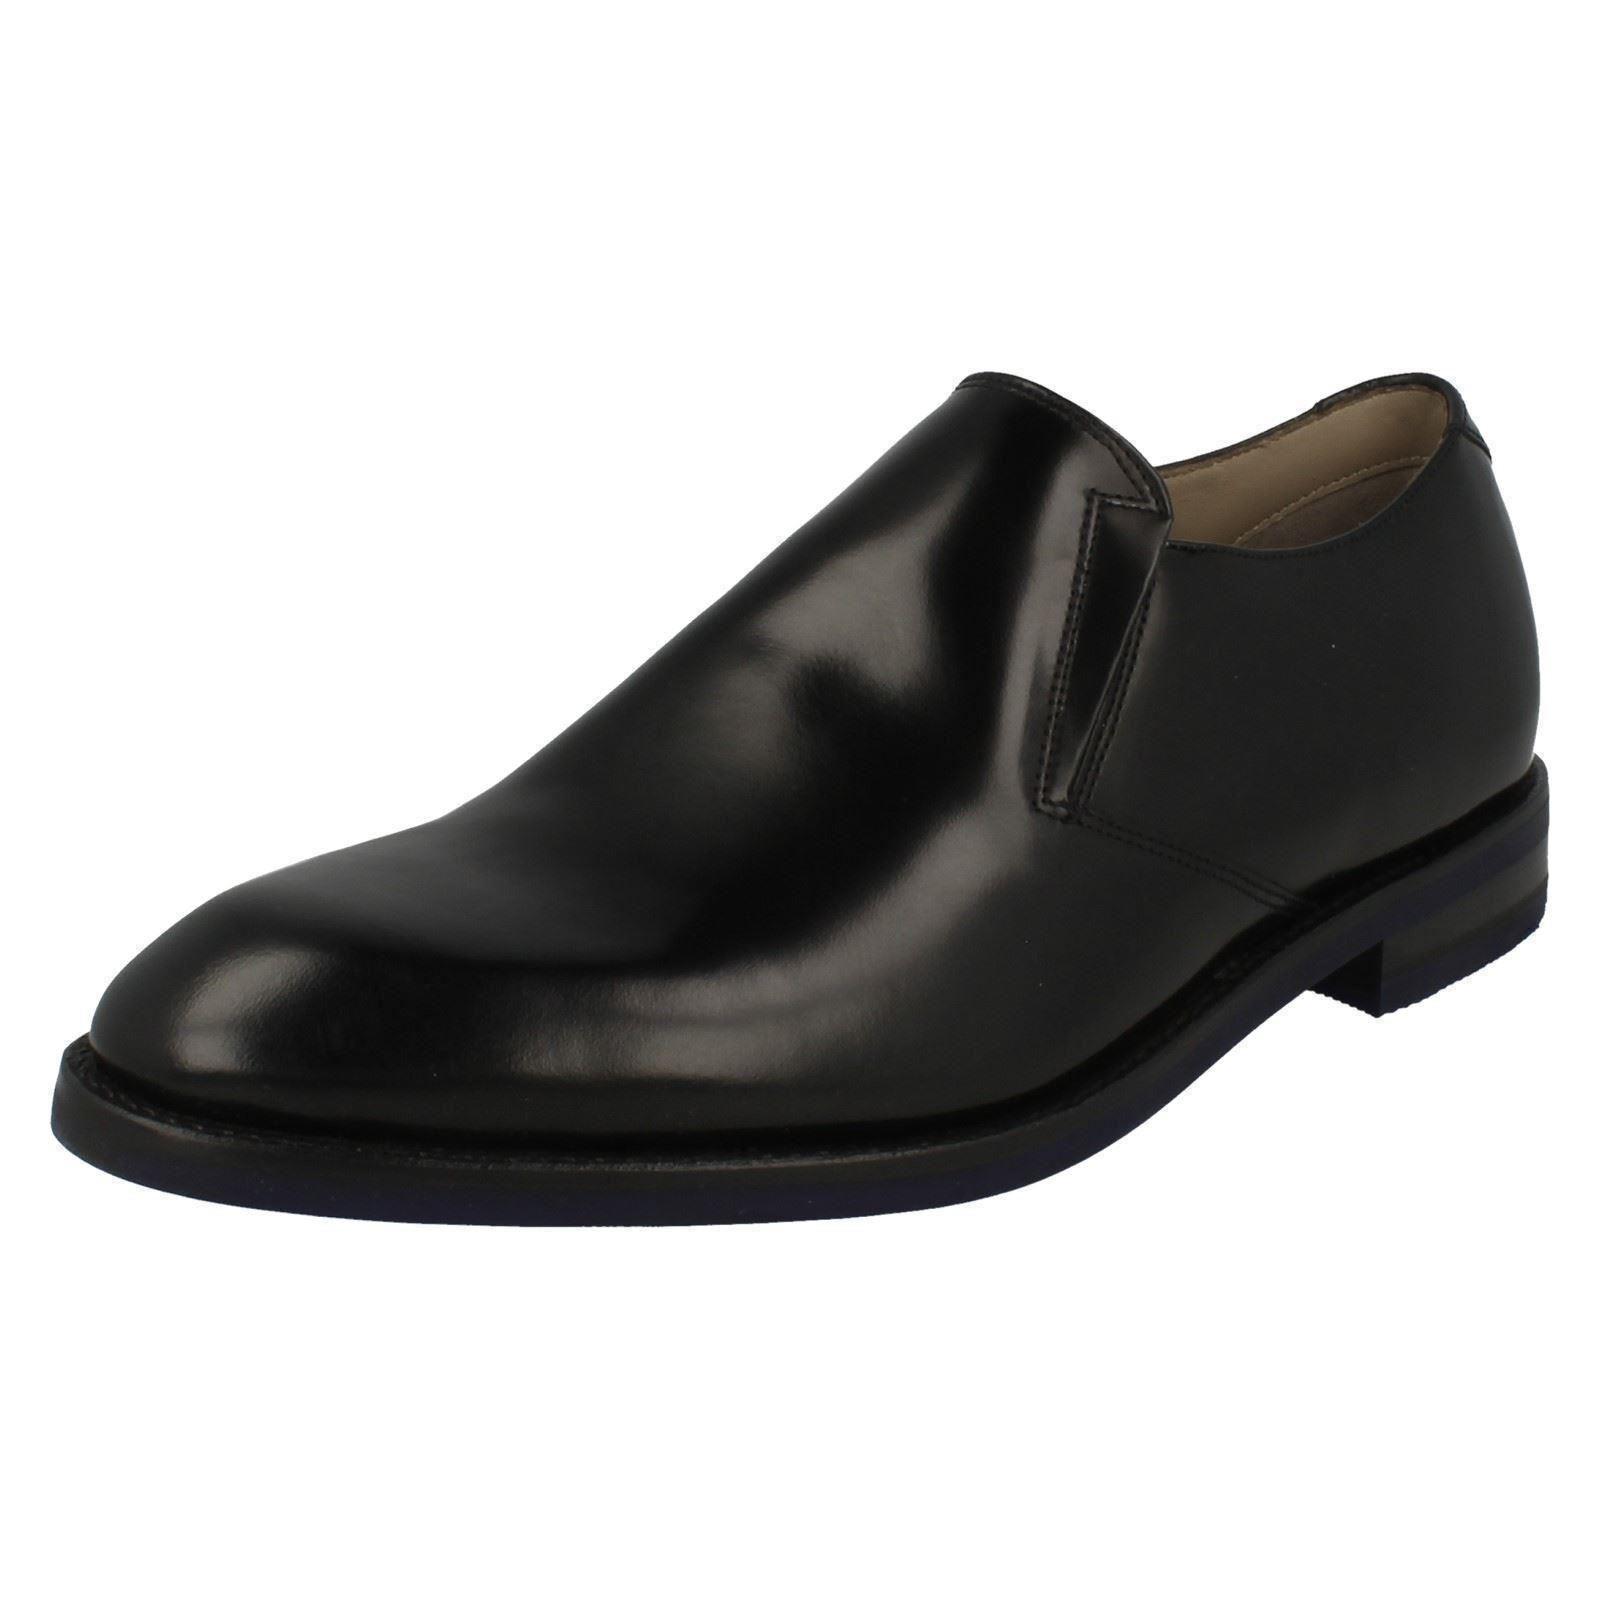 Herren Clarks Swinley Step Smart Leder Slip On Schuhes G Fitting ea6ae2